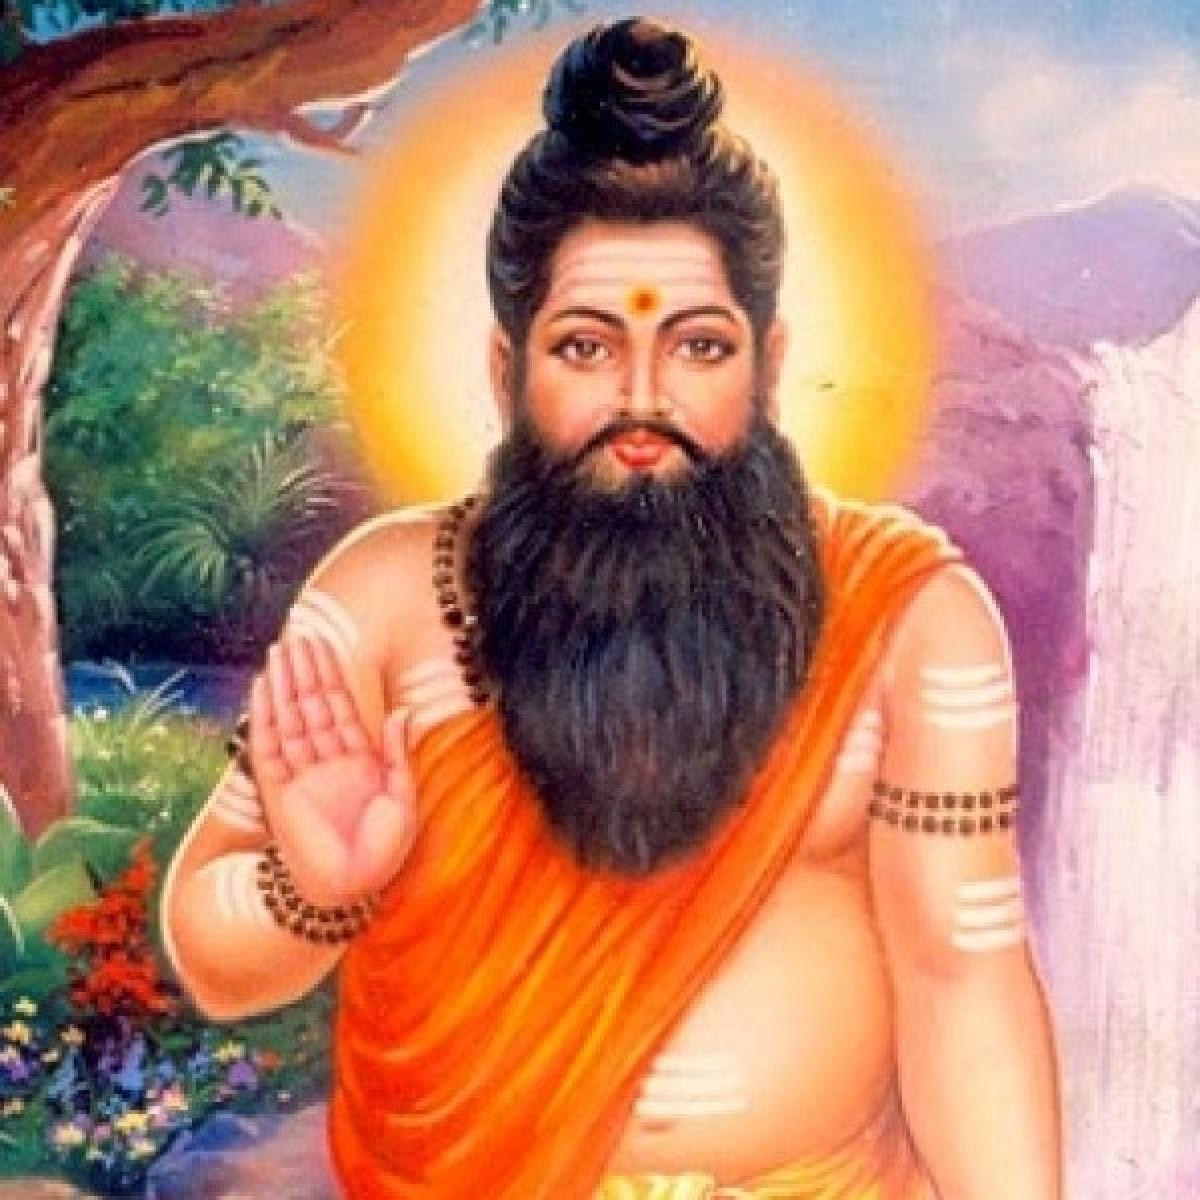 'சித்த மருத்துவத்தின் தந்தை' அகத்தியரின் குறிப்புகளை புத்தகமாக்கும் பணி தீவிரம்!